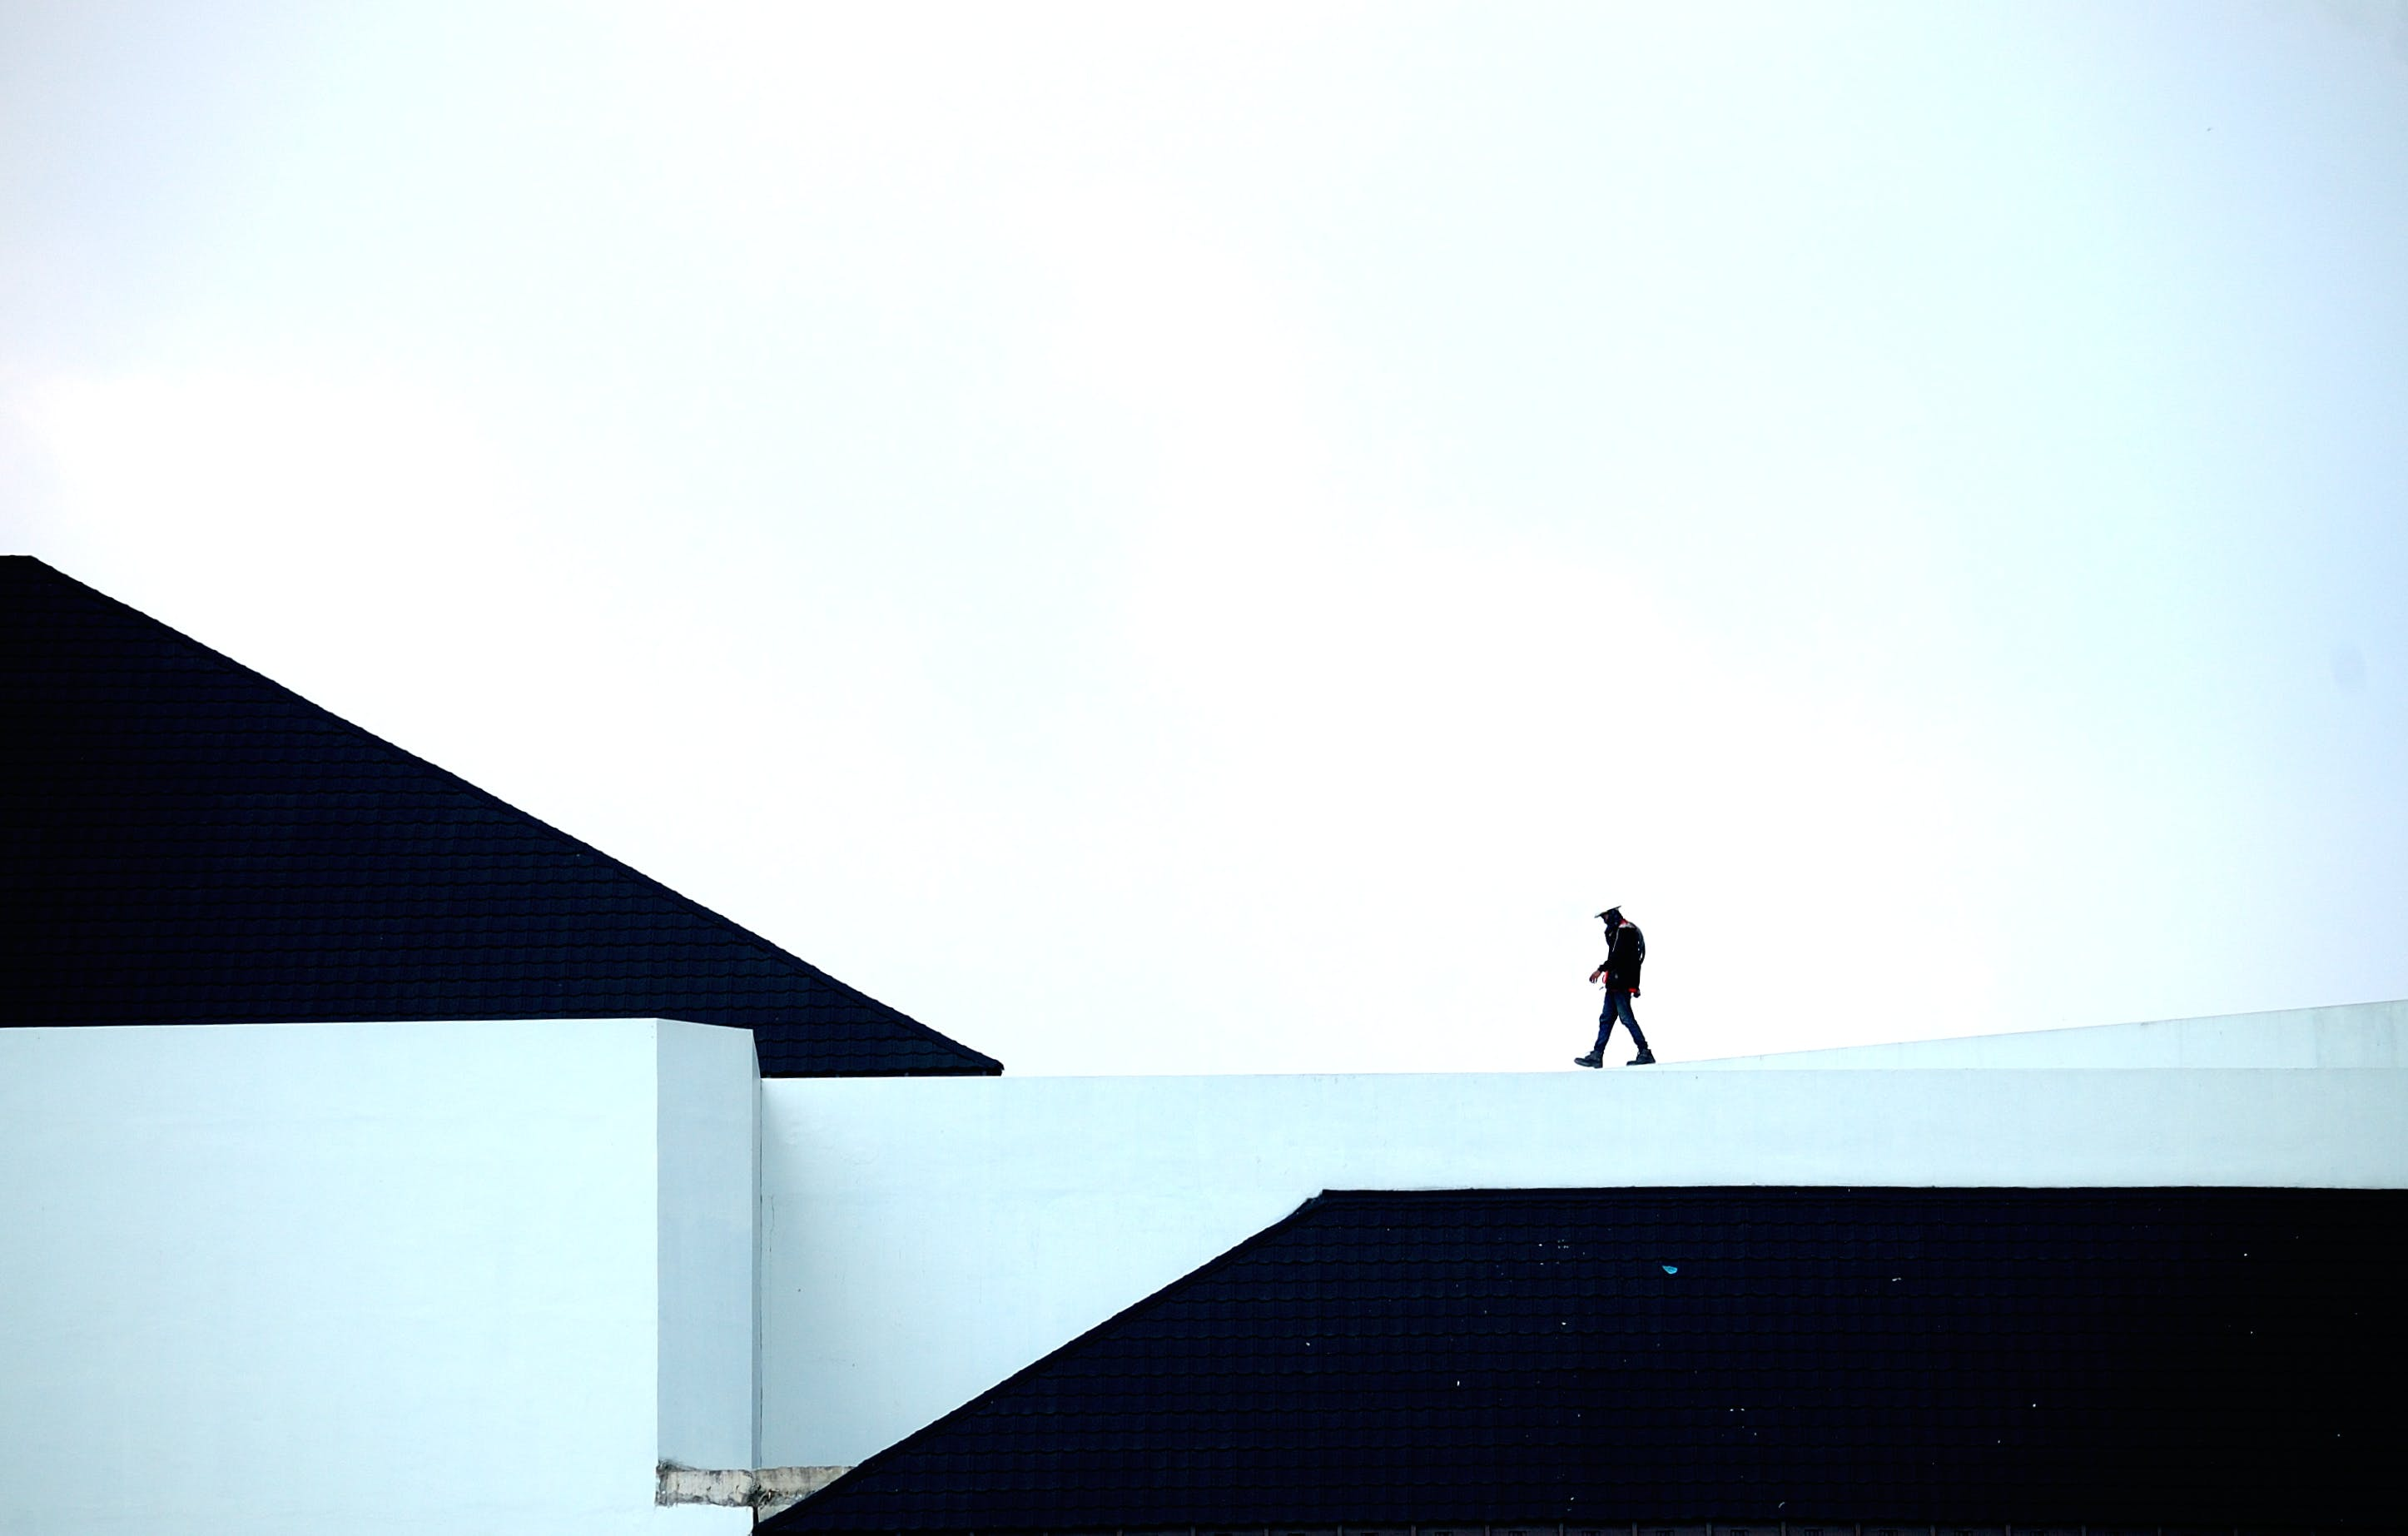 Man Walking on White Platform